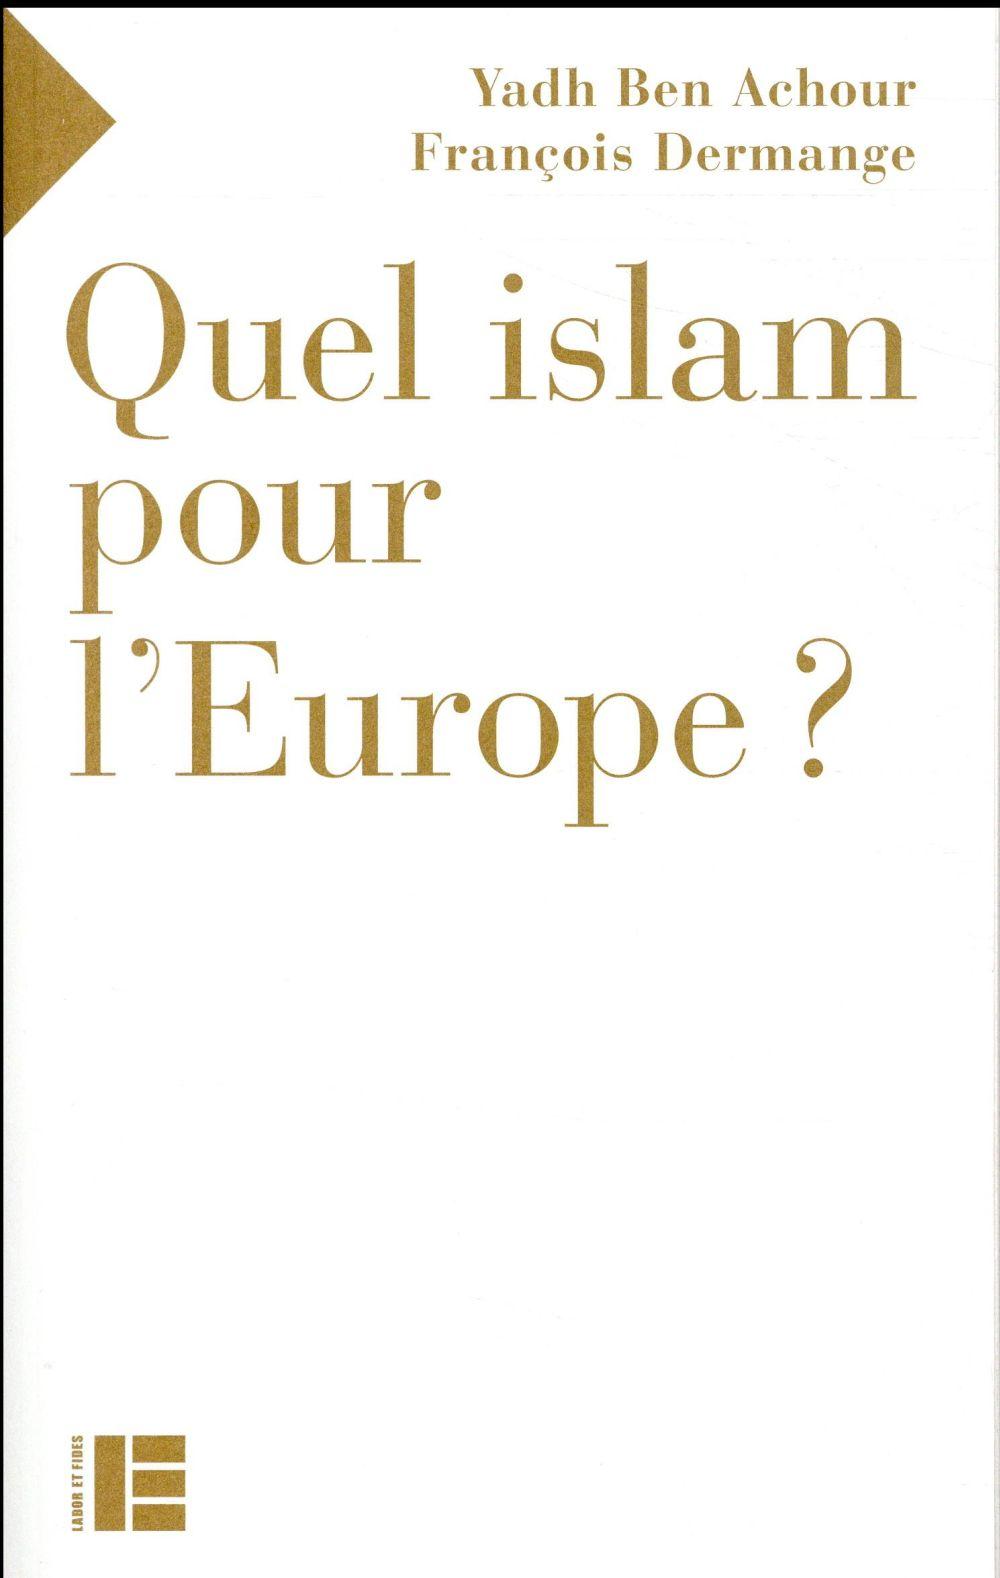 quel Islam pour l'Europe?